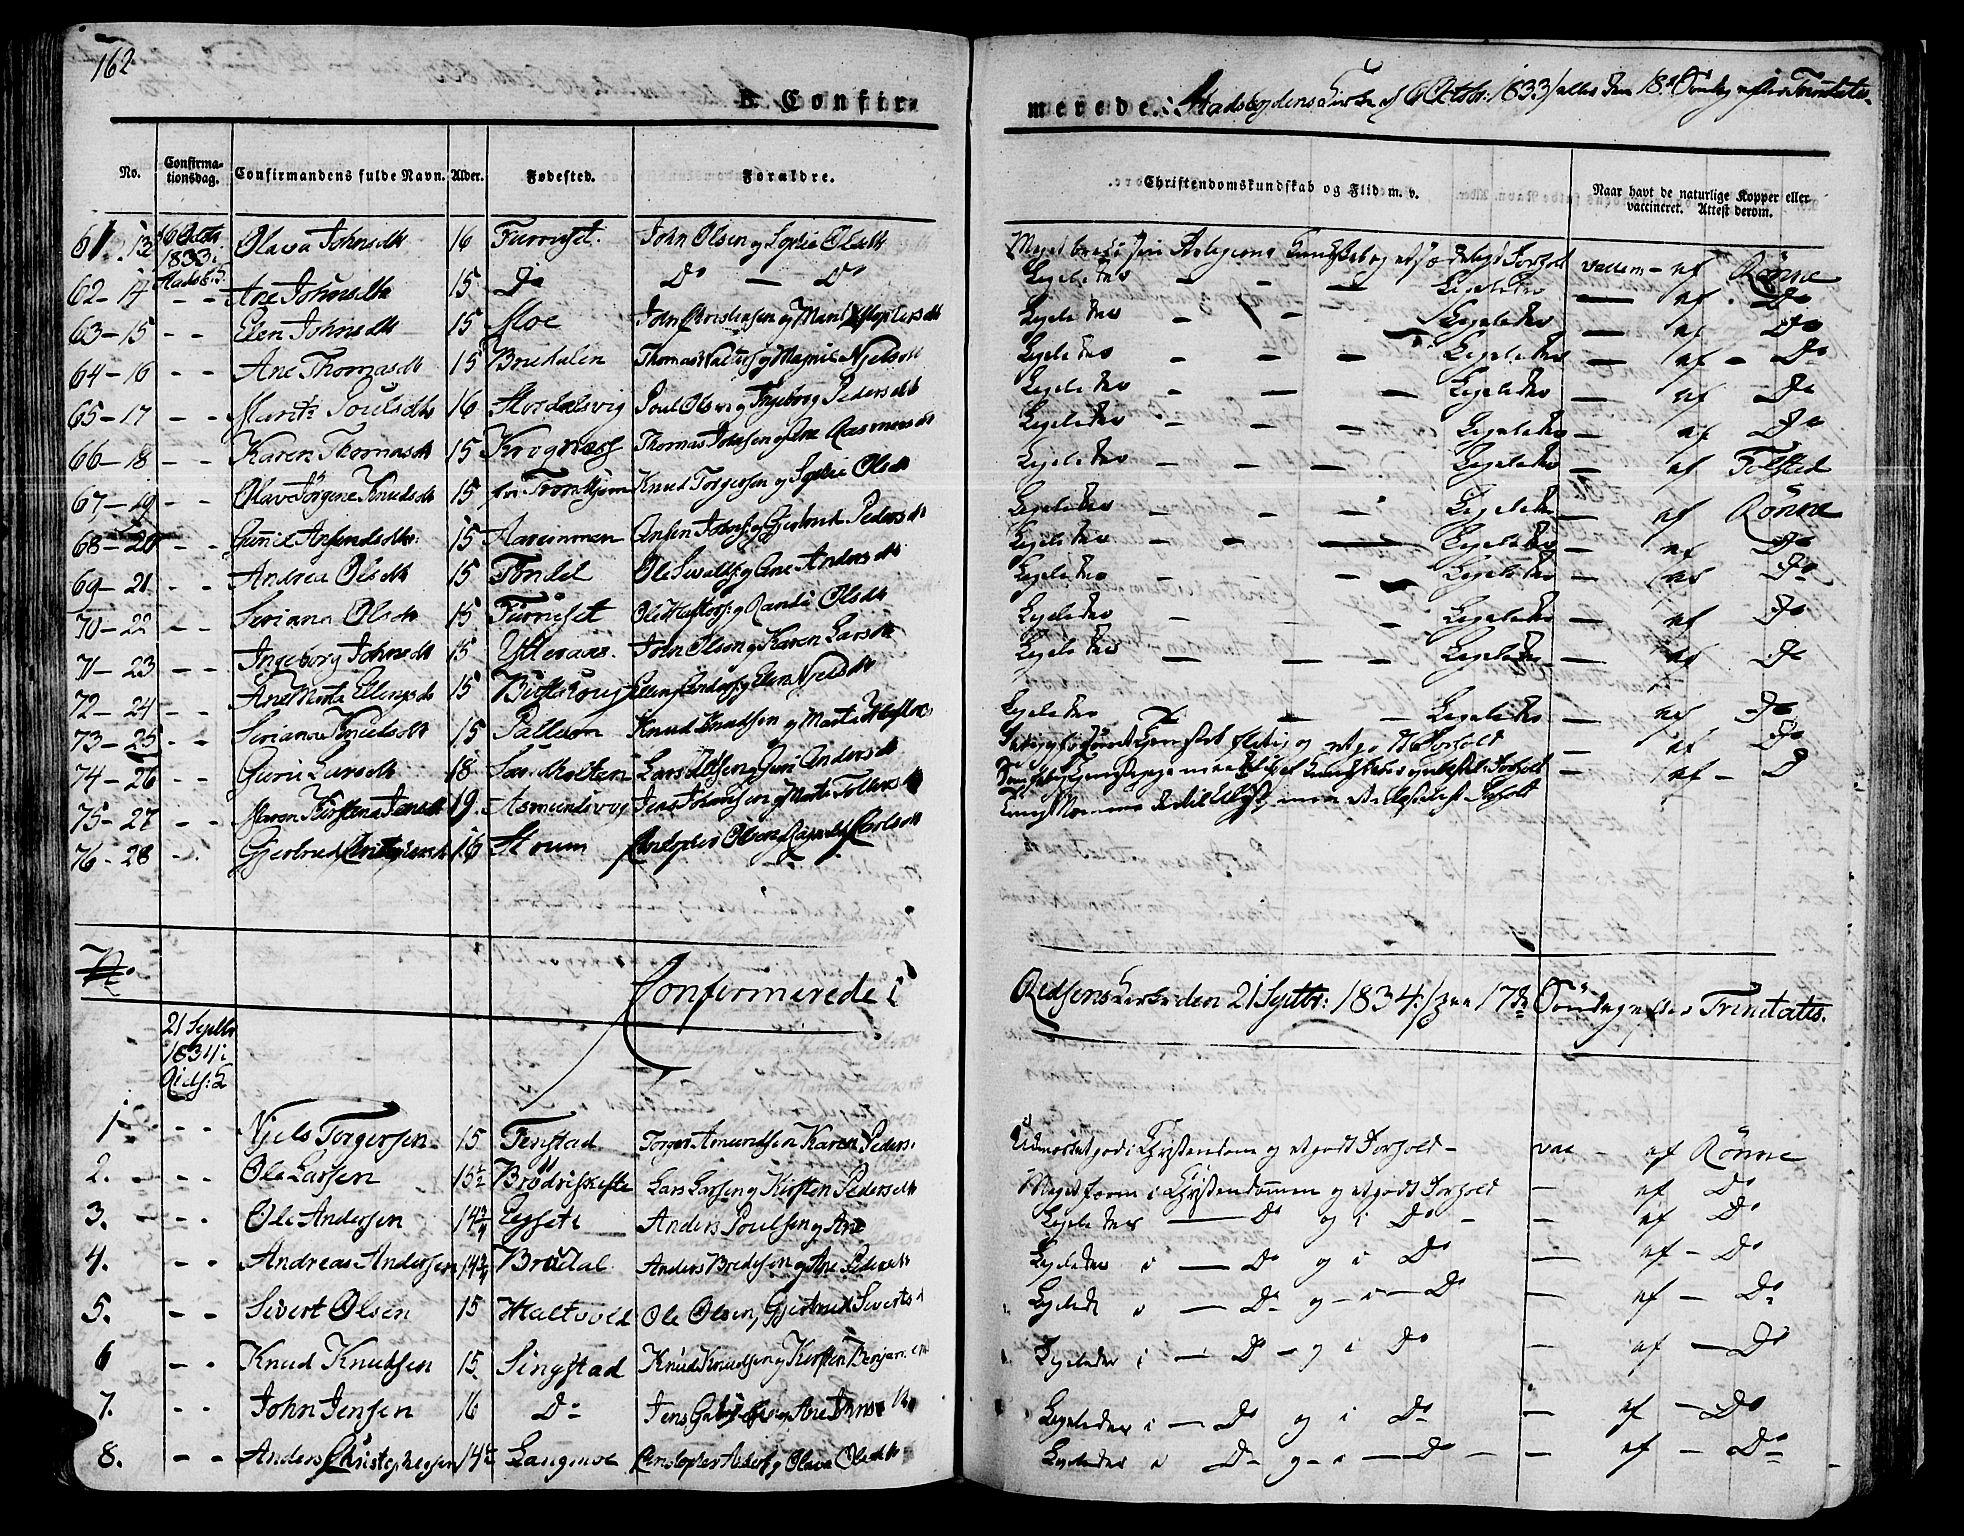 SAT, Ministerialprotokoller, klokkerbøker og fødselsregistre - Sør-Trøndelag, 646/L0609: Ministerialbok nr. 646A07, 1826-1838, s. 162